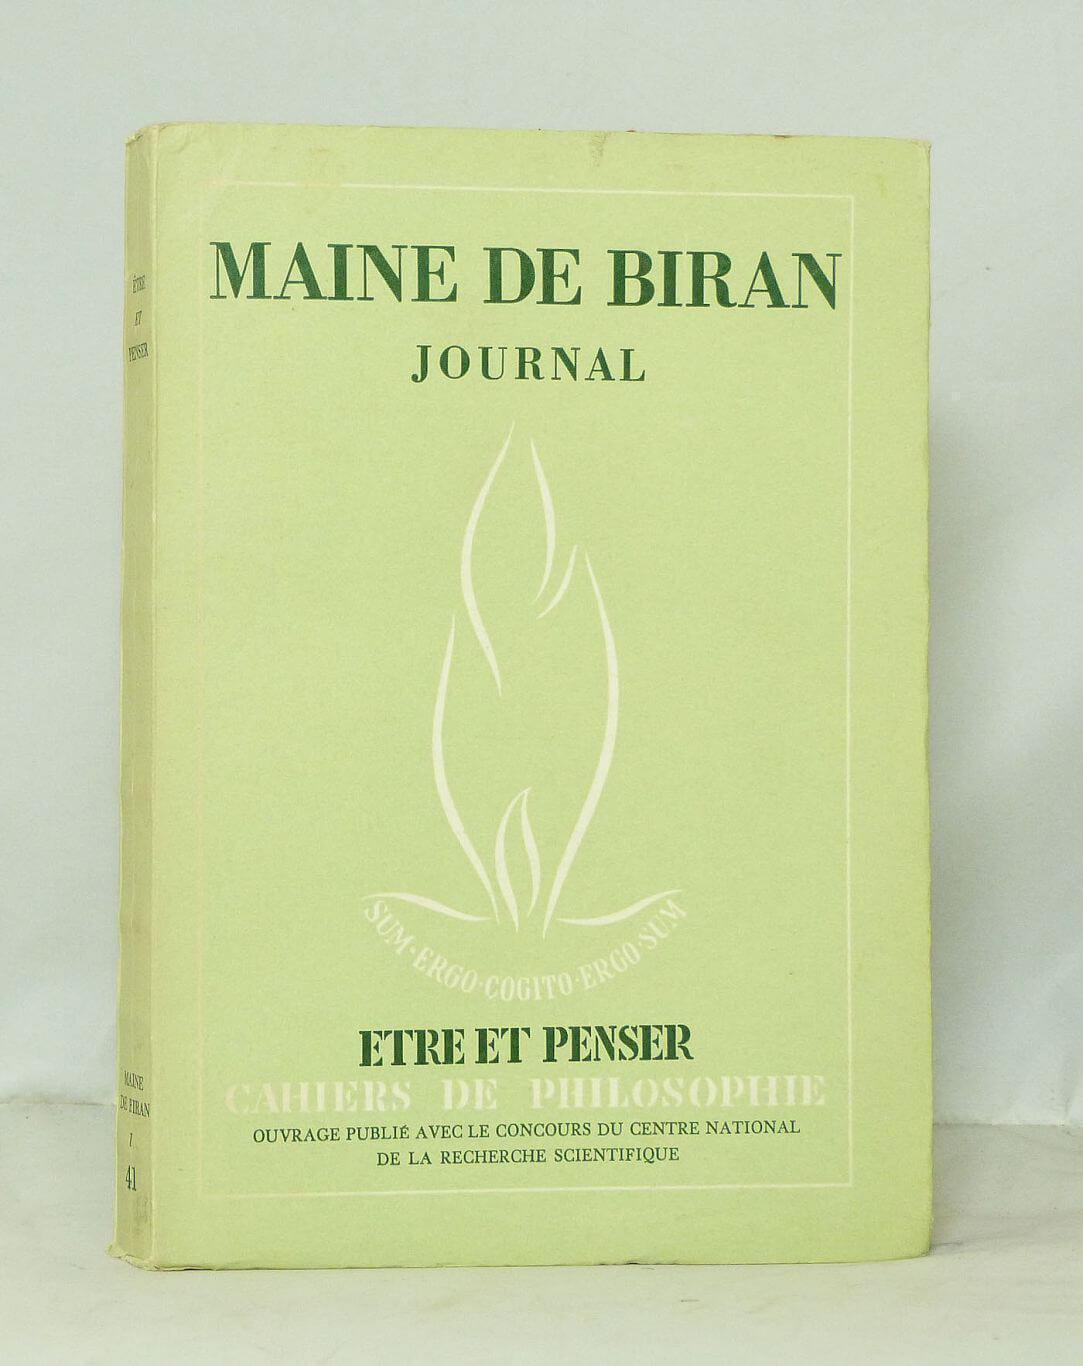 Journal. tome I. fevrier 1814-31 decembre 1816. édition intégrale publiee par henri gouhier